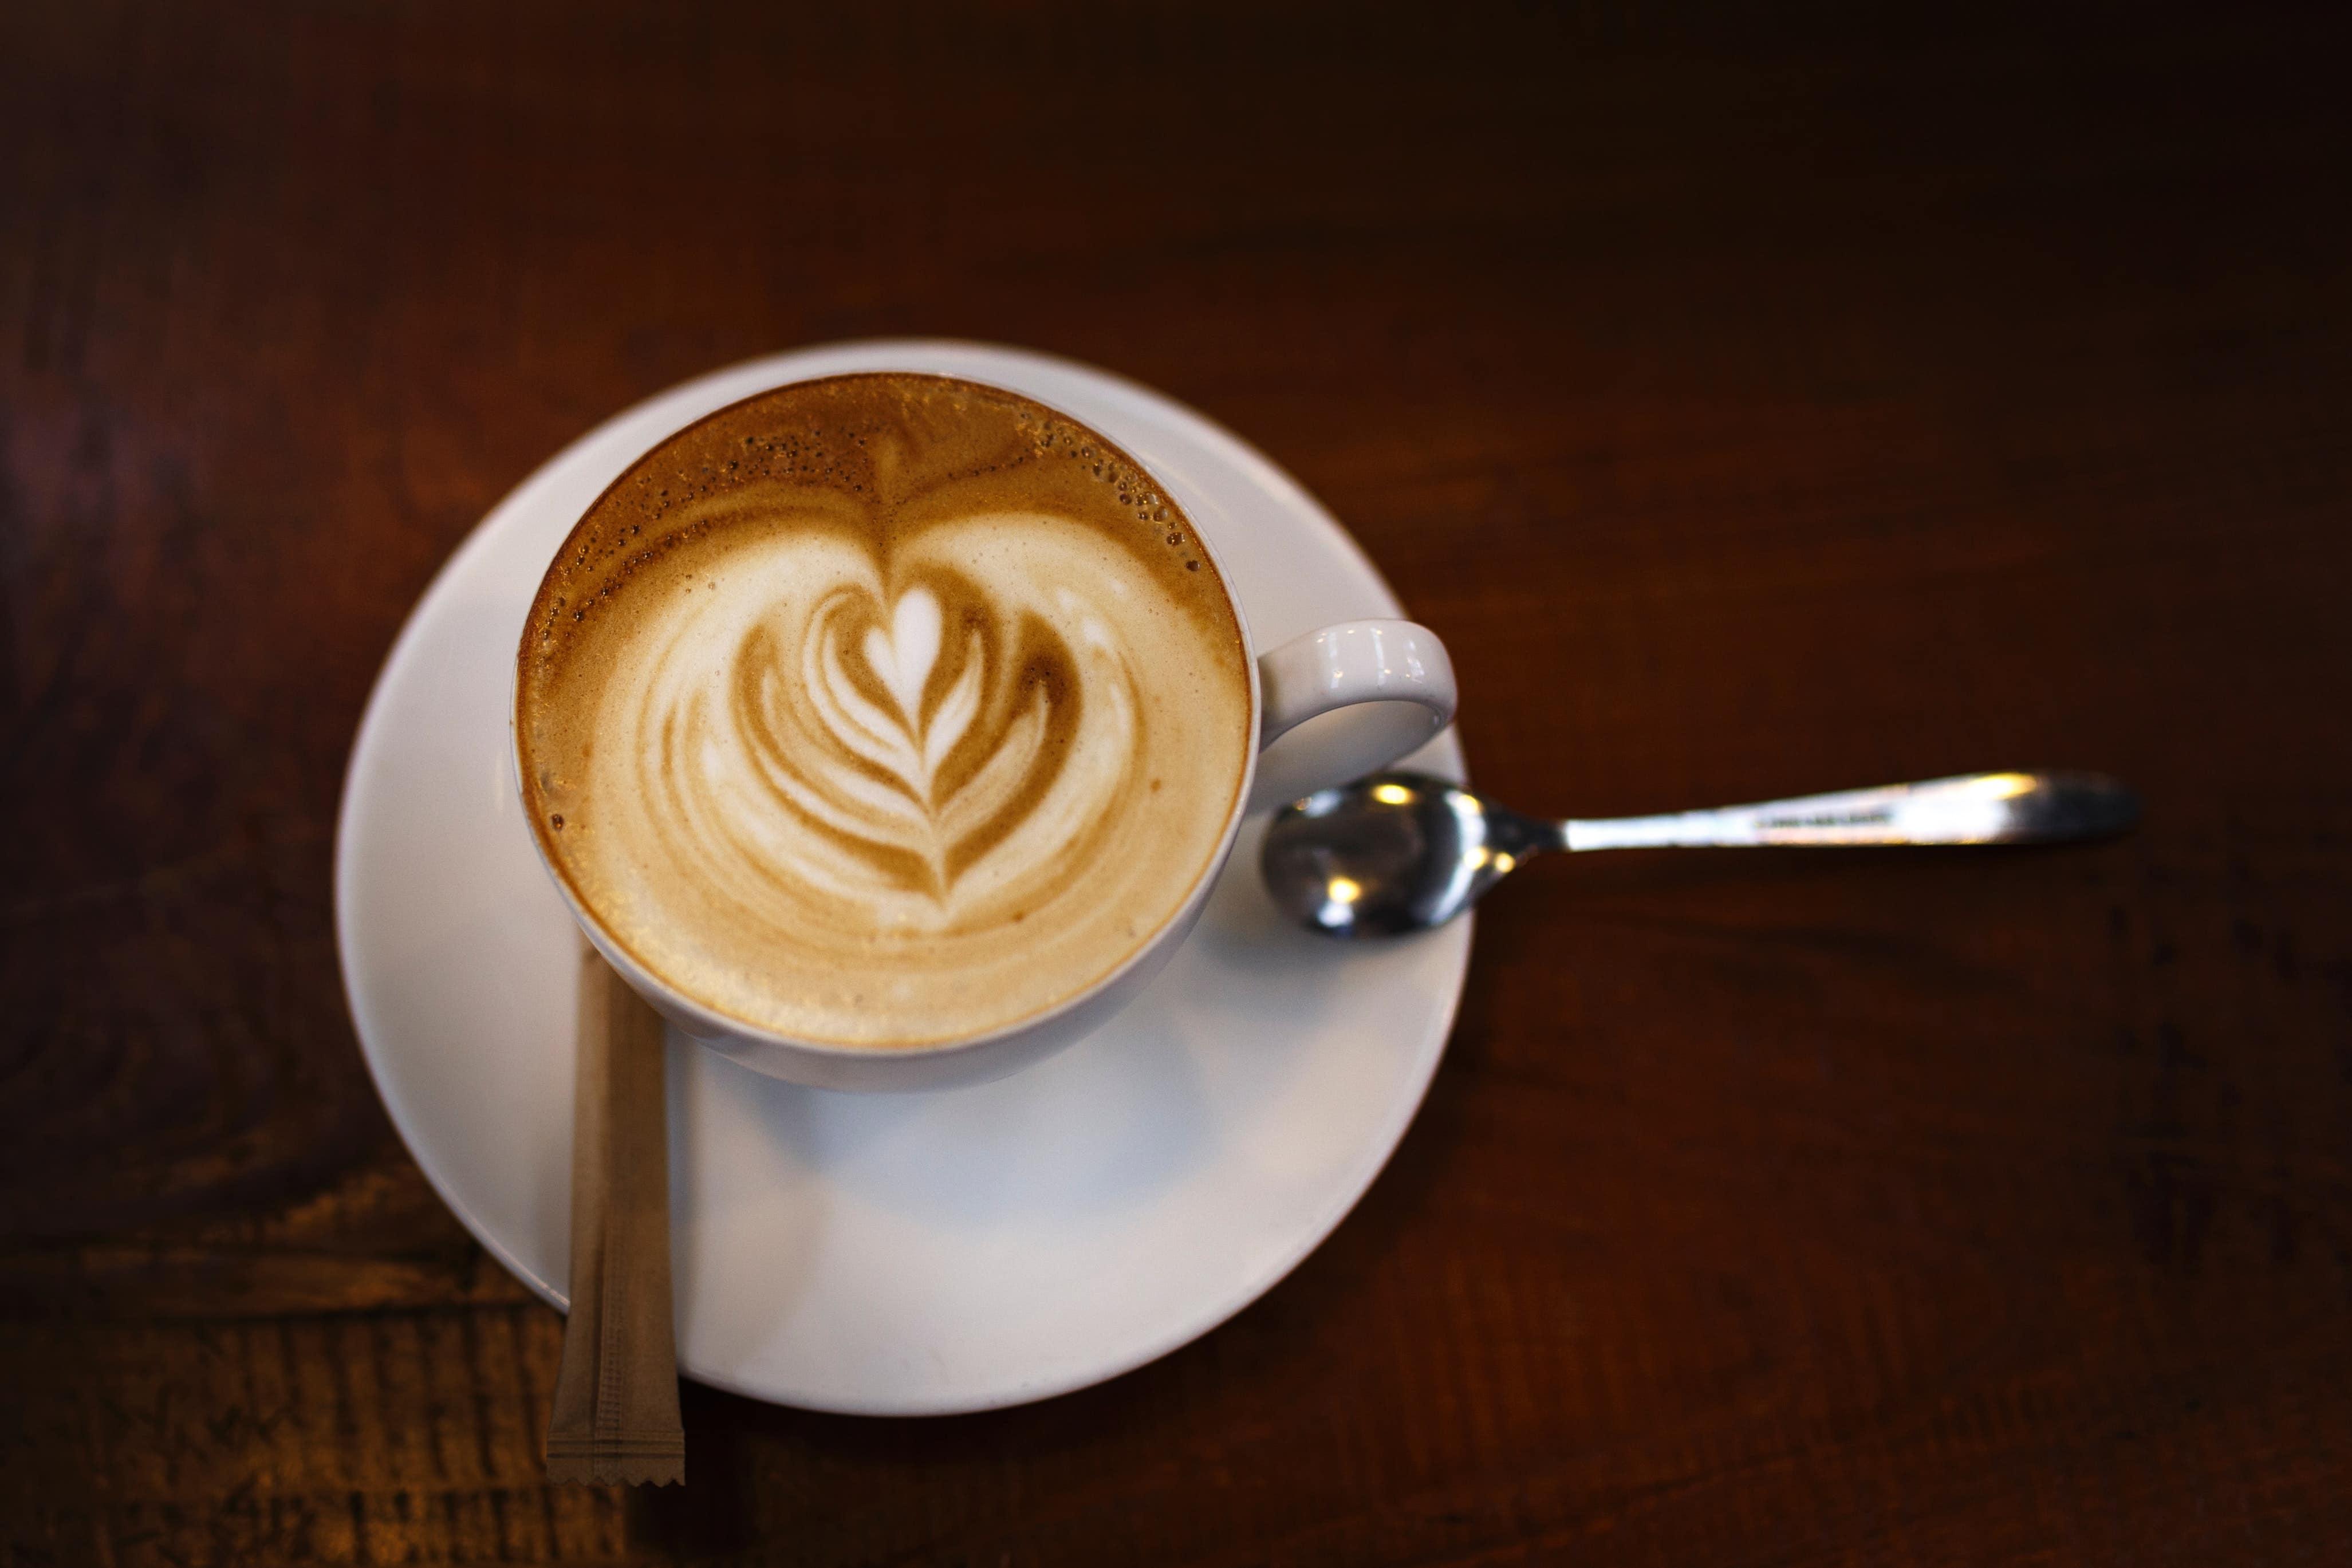 یک فنجان کاپوچینو